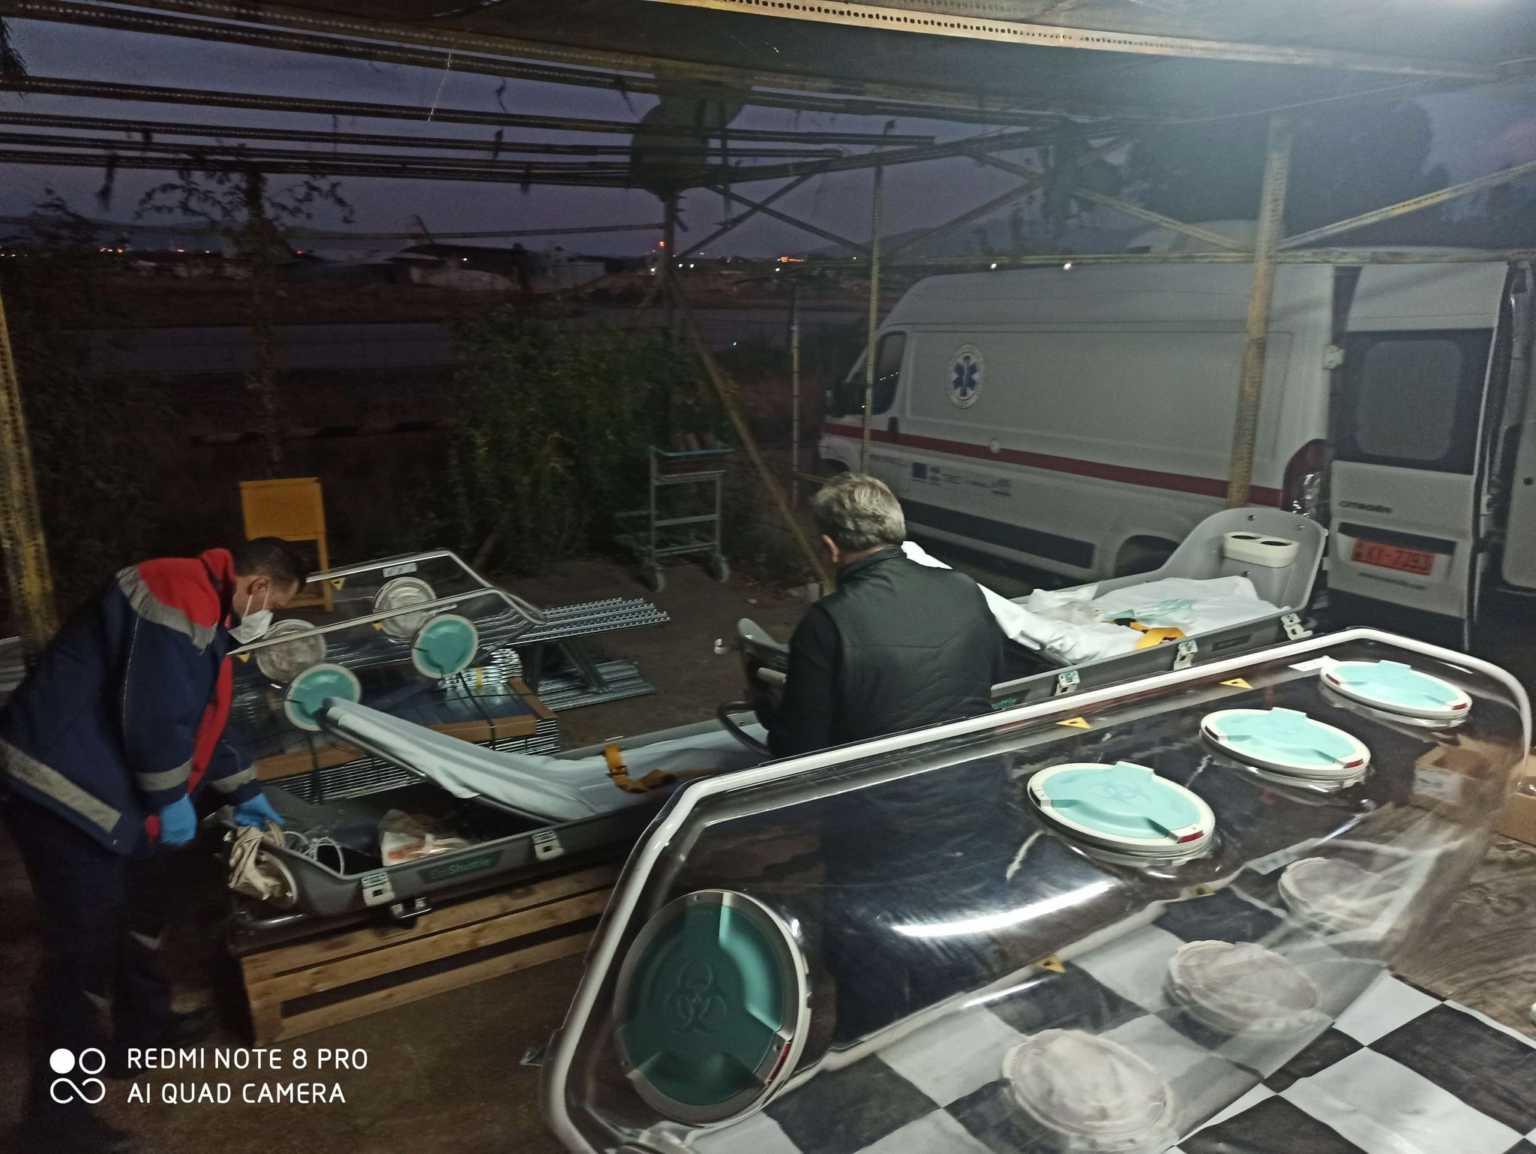 Αερογέφυρες σωτηρίας για ασθενείς με κορονοϊό – Πόσες αεροδιακομιδές έχουν γίνει στην Αθήνα